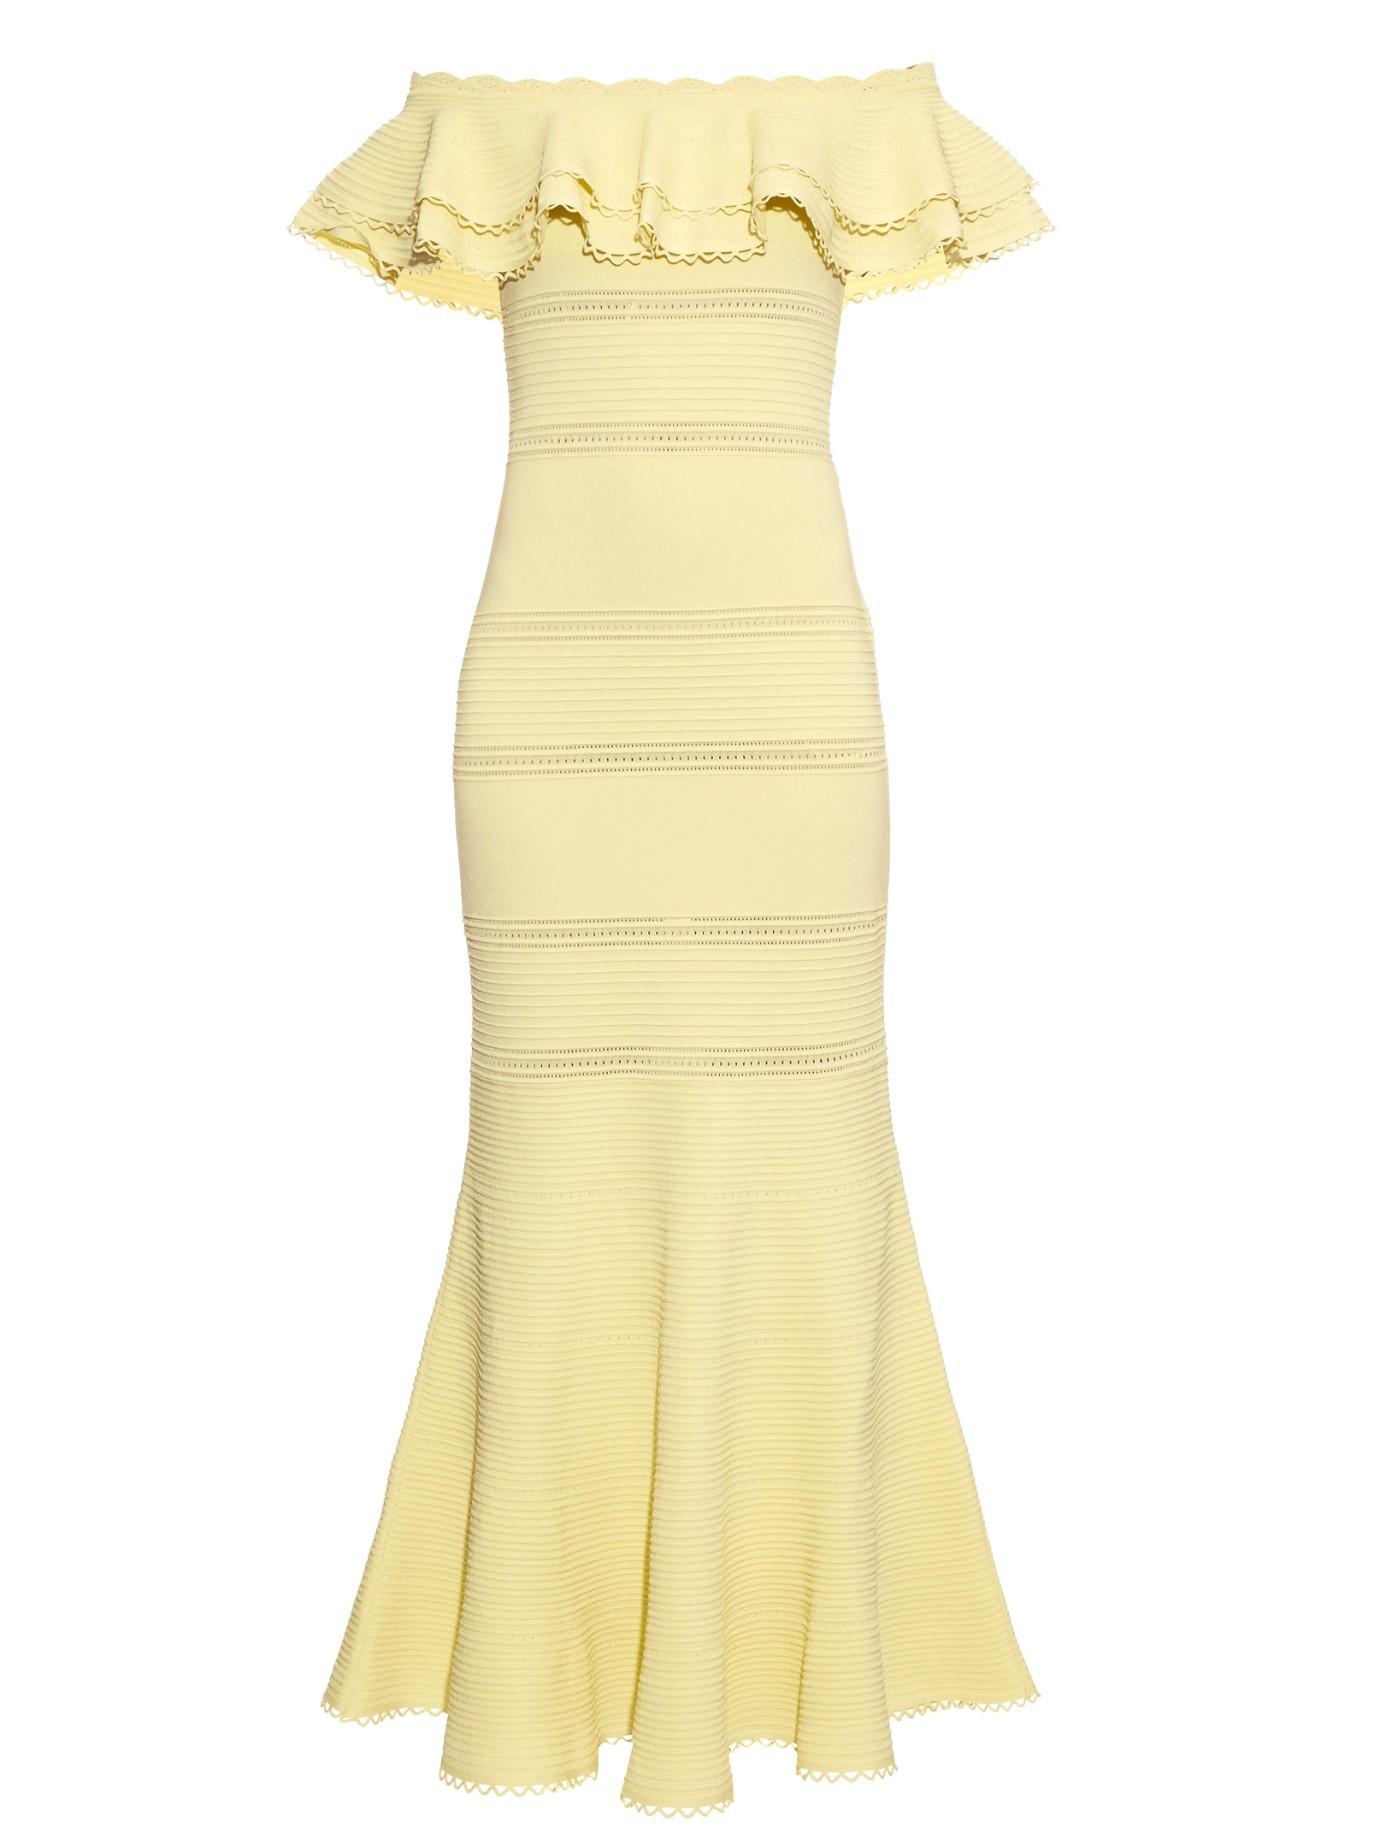 Alexander McQueen Yellow Dress